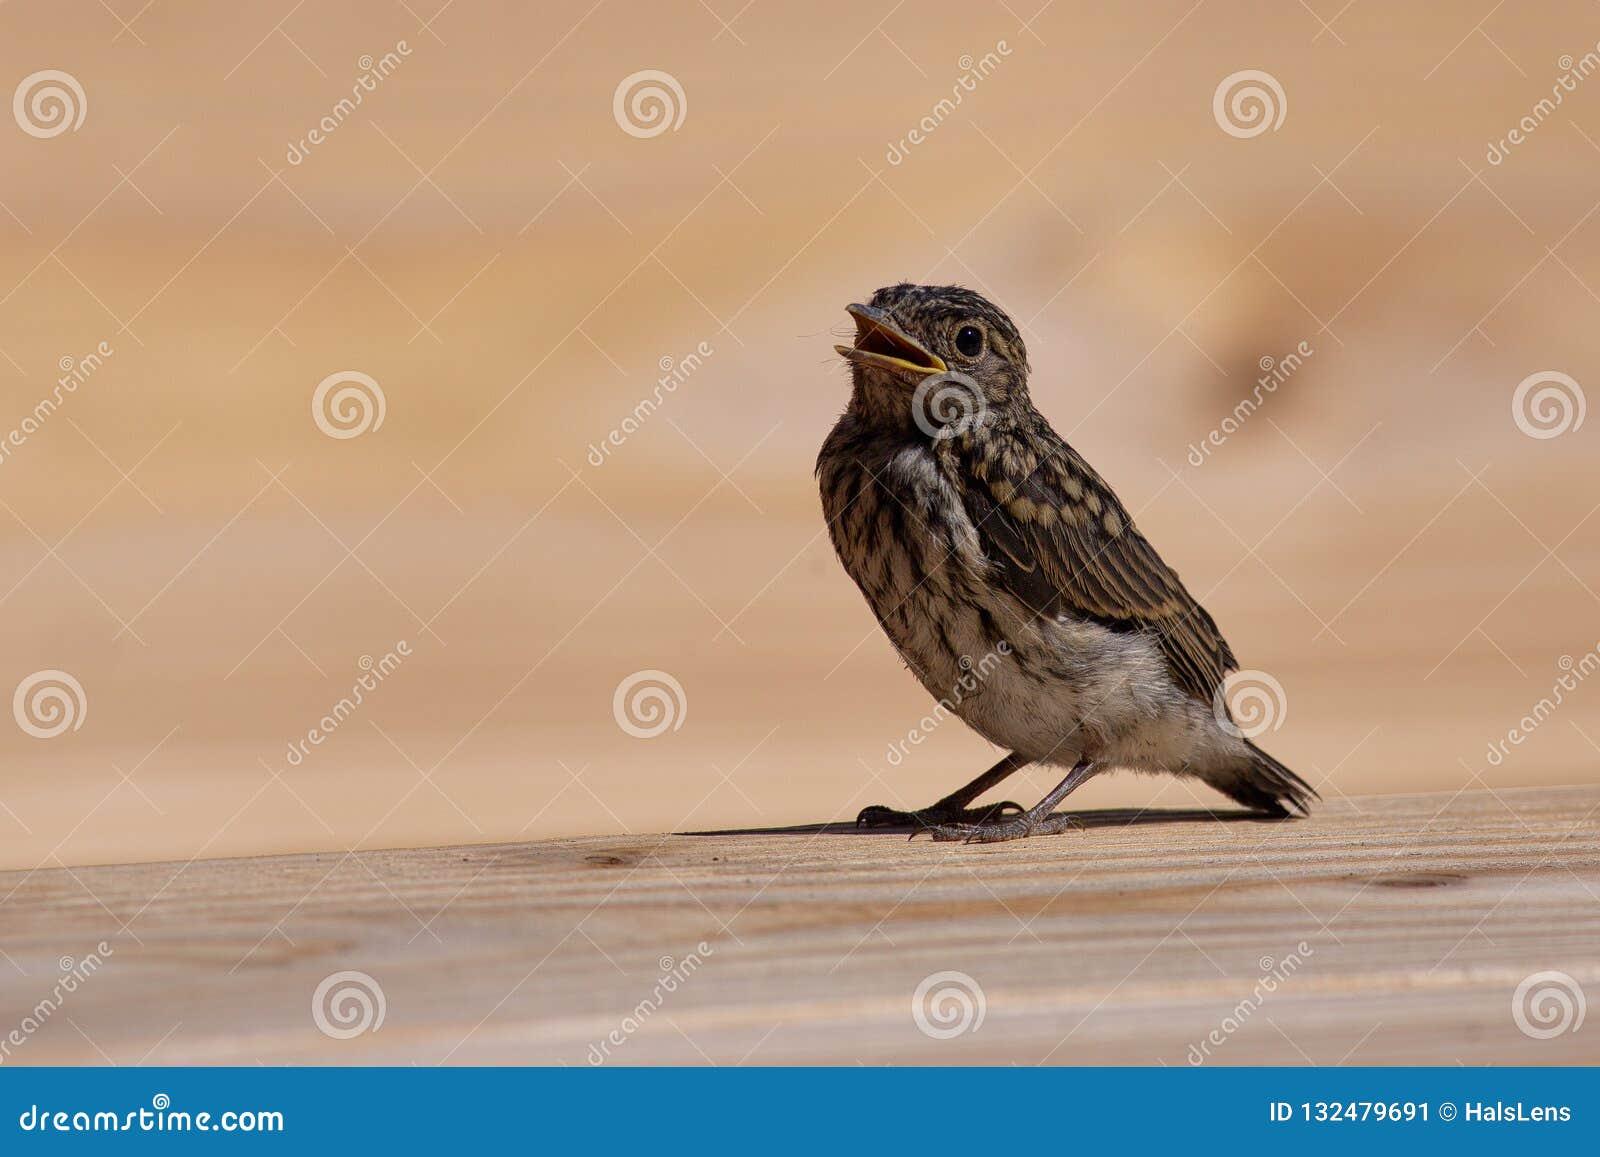 Spotted flycatcher chick